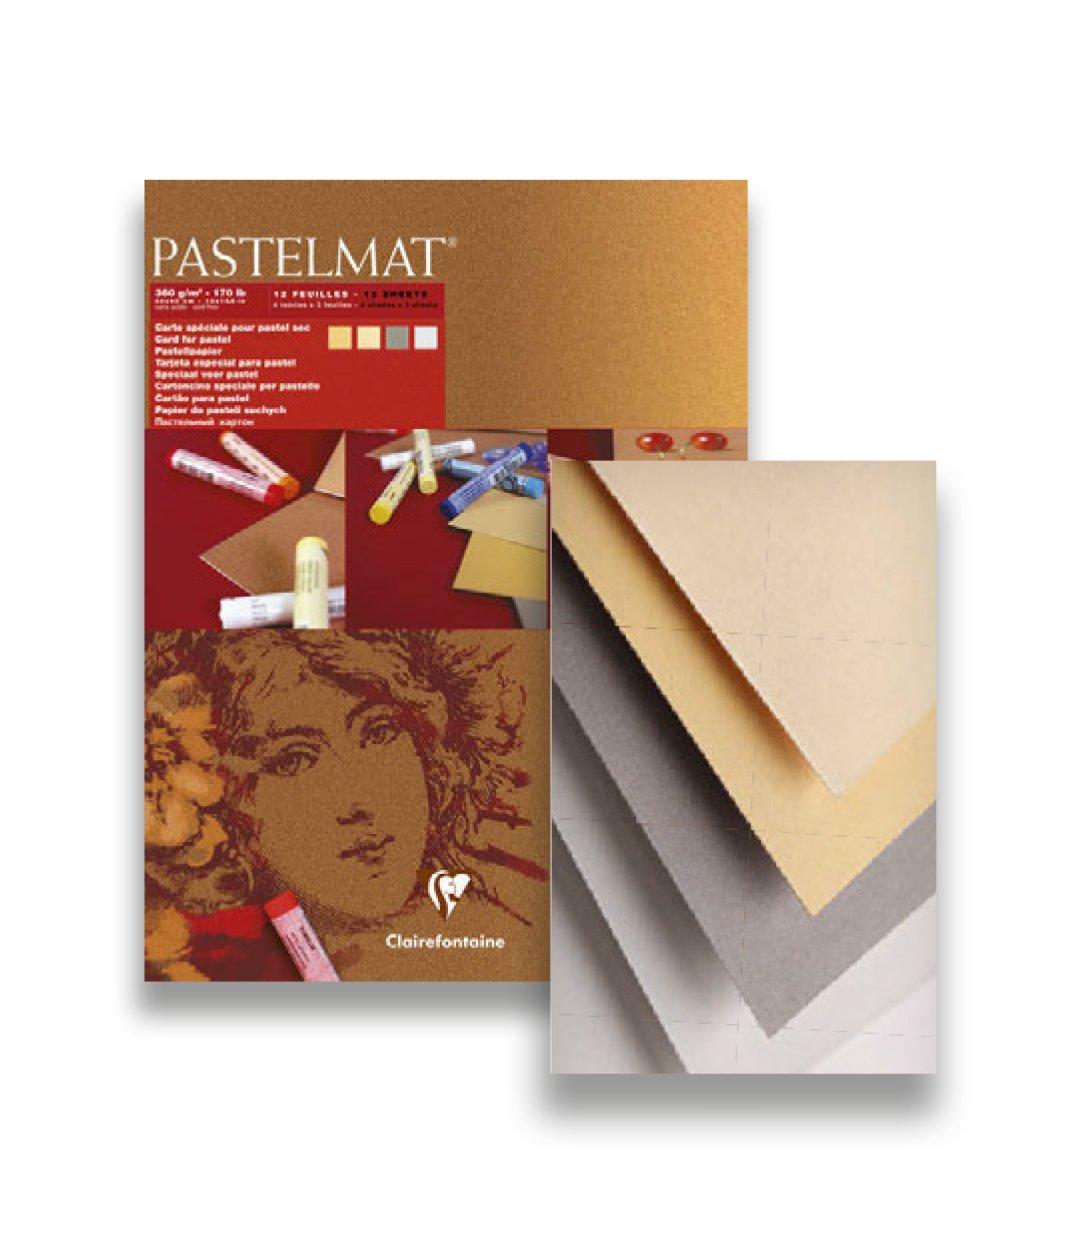 Clairefontaine 96017C Blocco Pastelmat, 24 x 30 cm, 12 Fogli, Colori Assortiti C Rhodia Jardinage